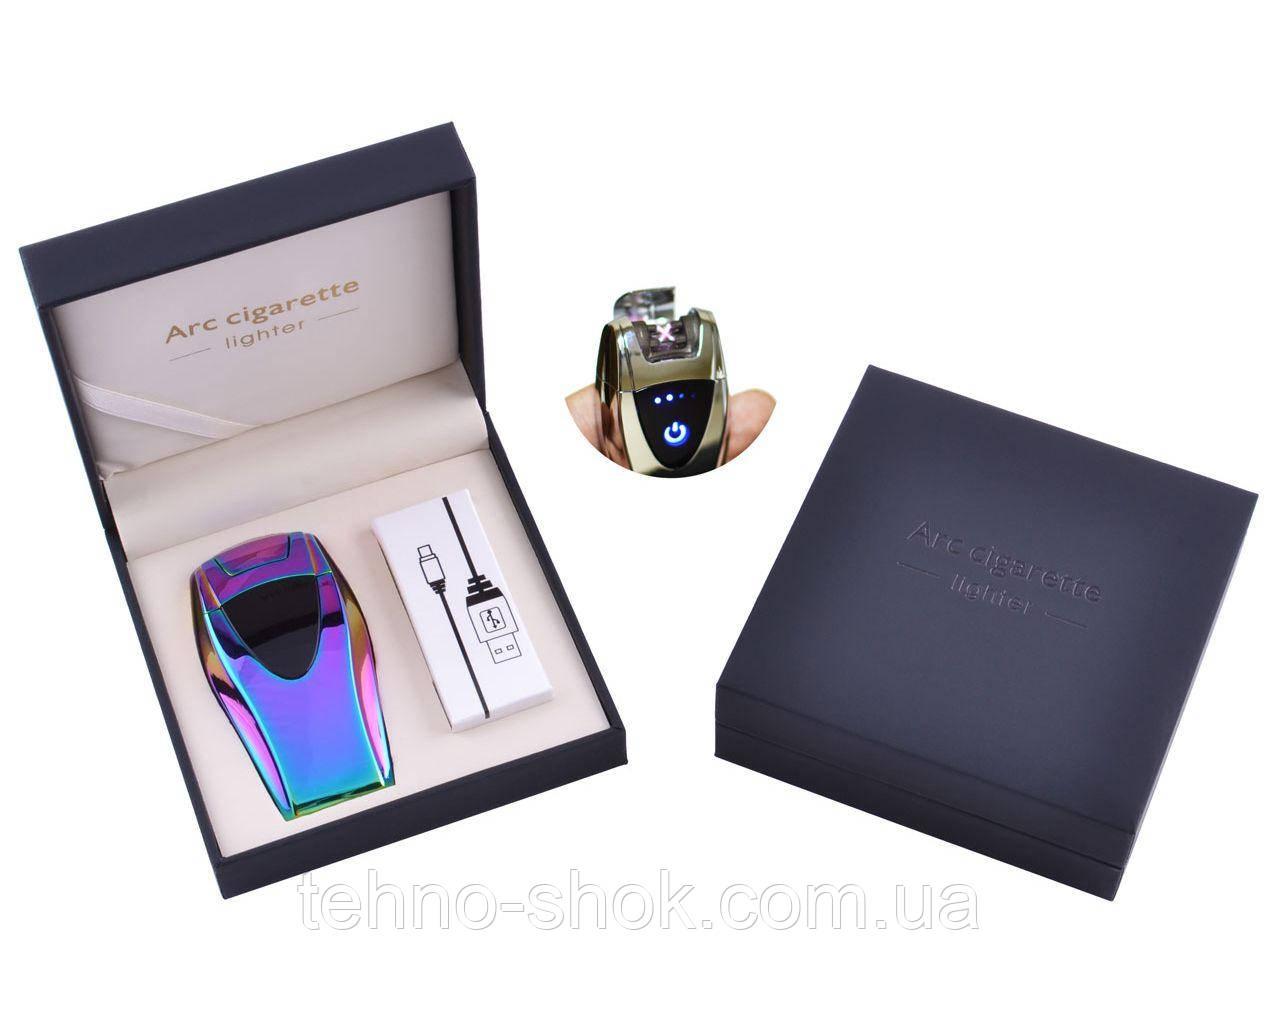 Электроимпульсная зажигалка в подарочной упаковке ArcCigarette (Двойная молния, USB) Хамелеон